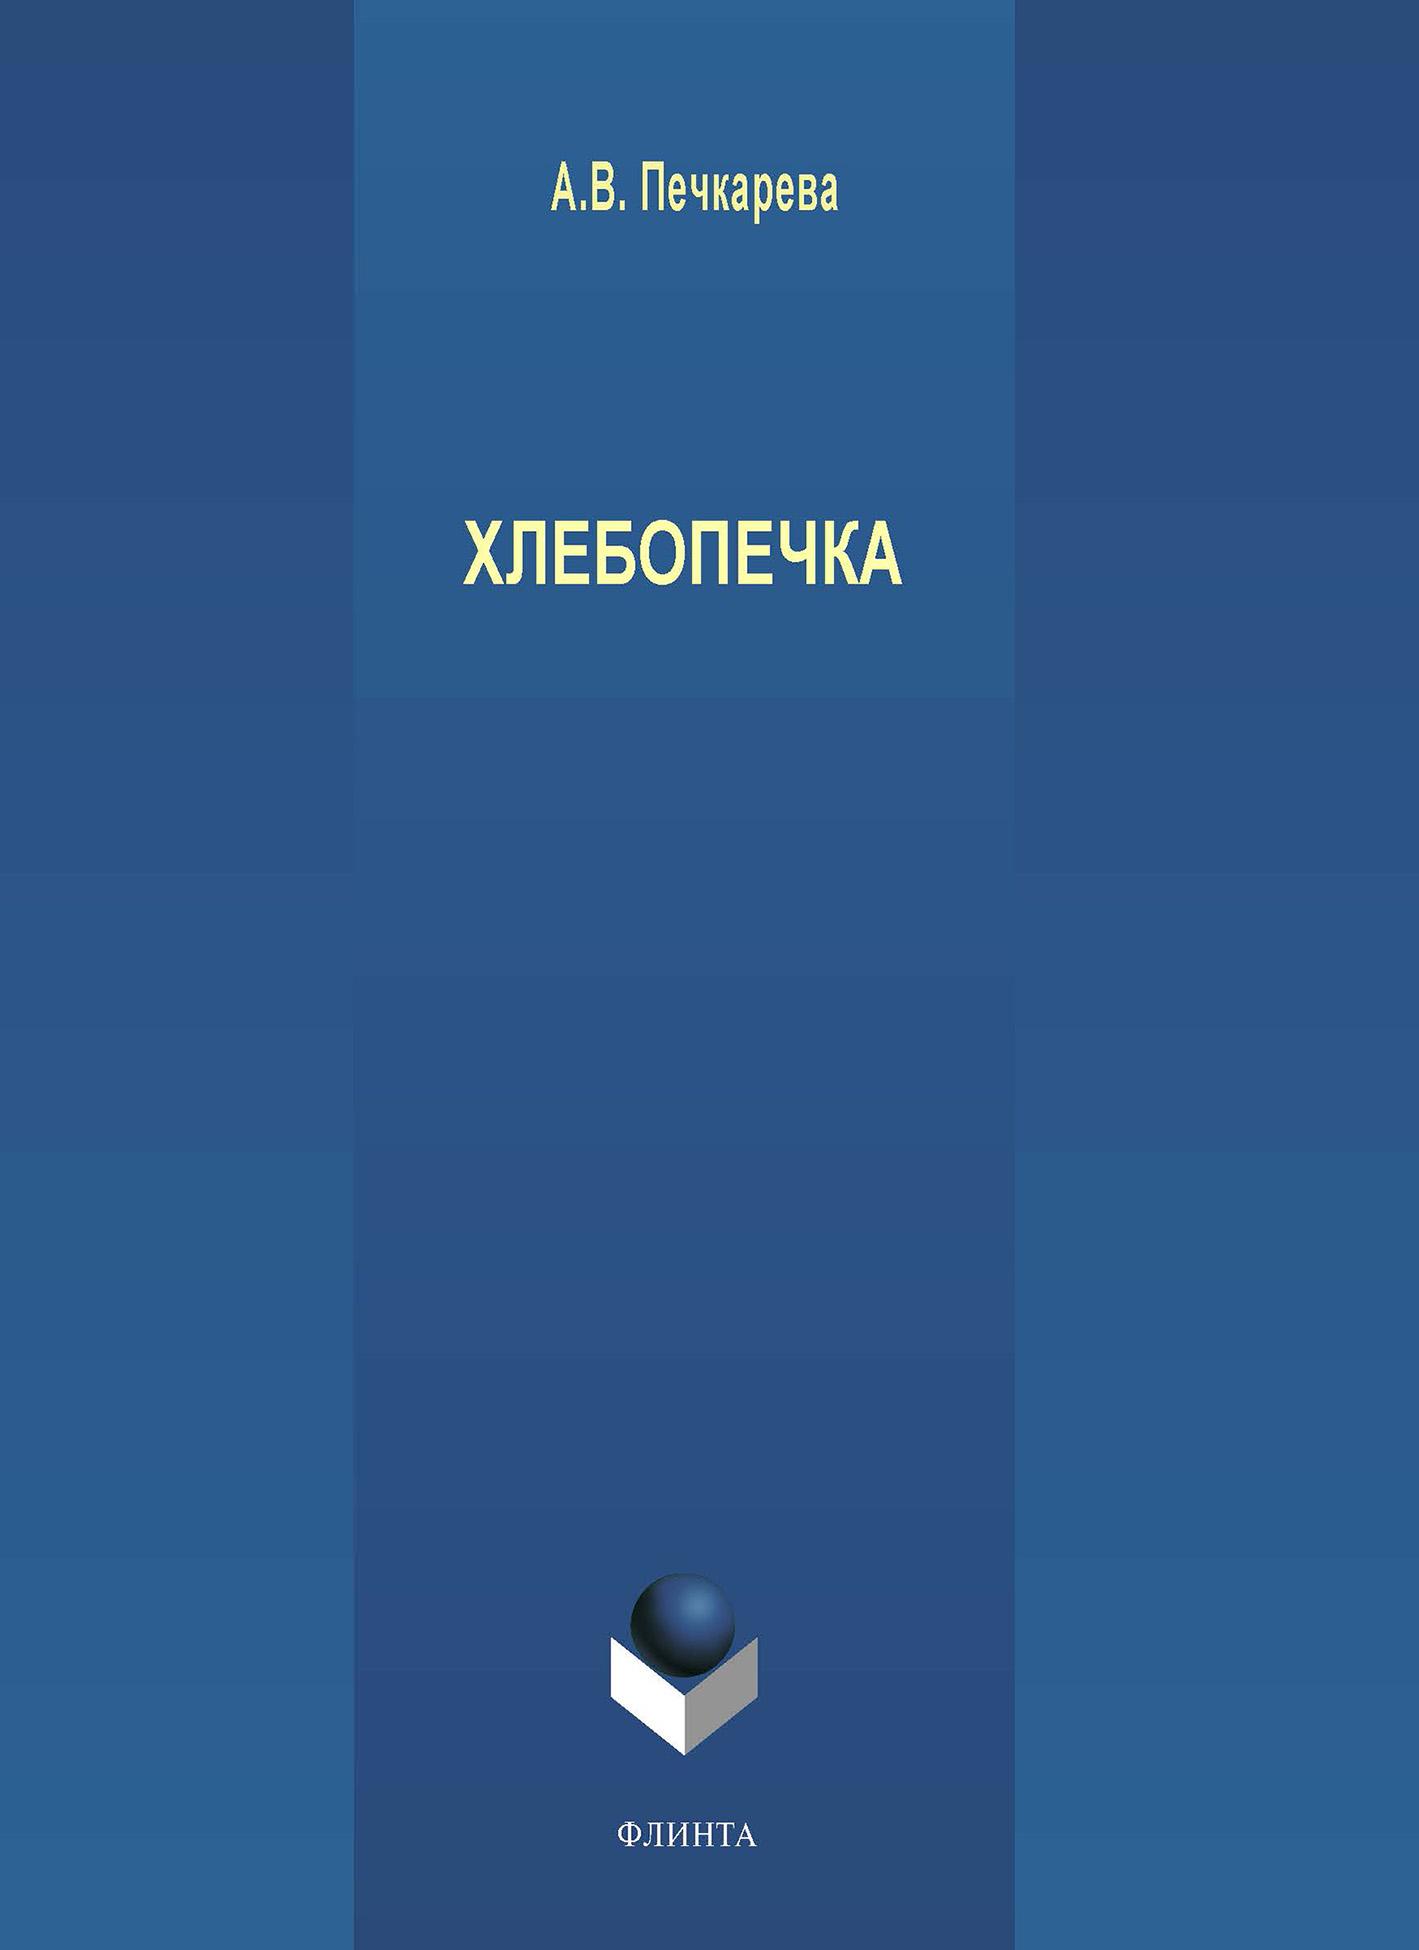 Купить книгу Хлебопечка, автора А. В. Печкаревой